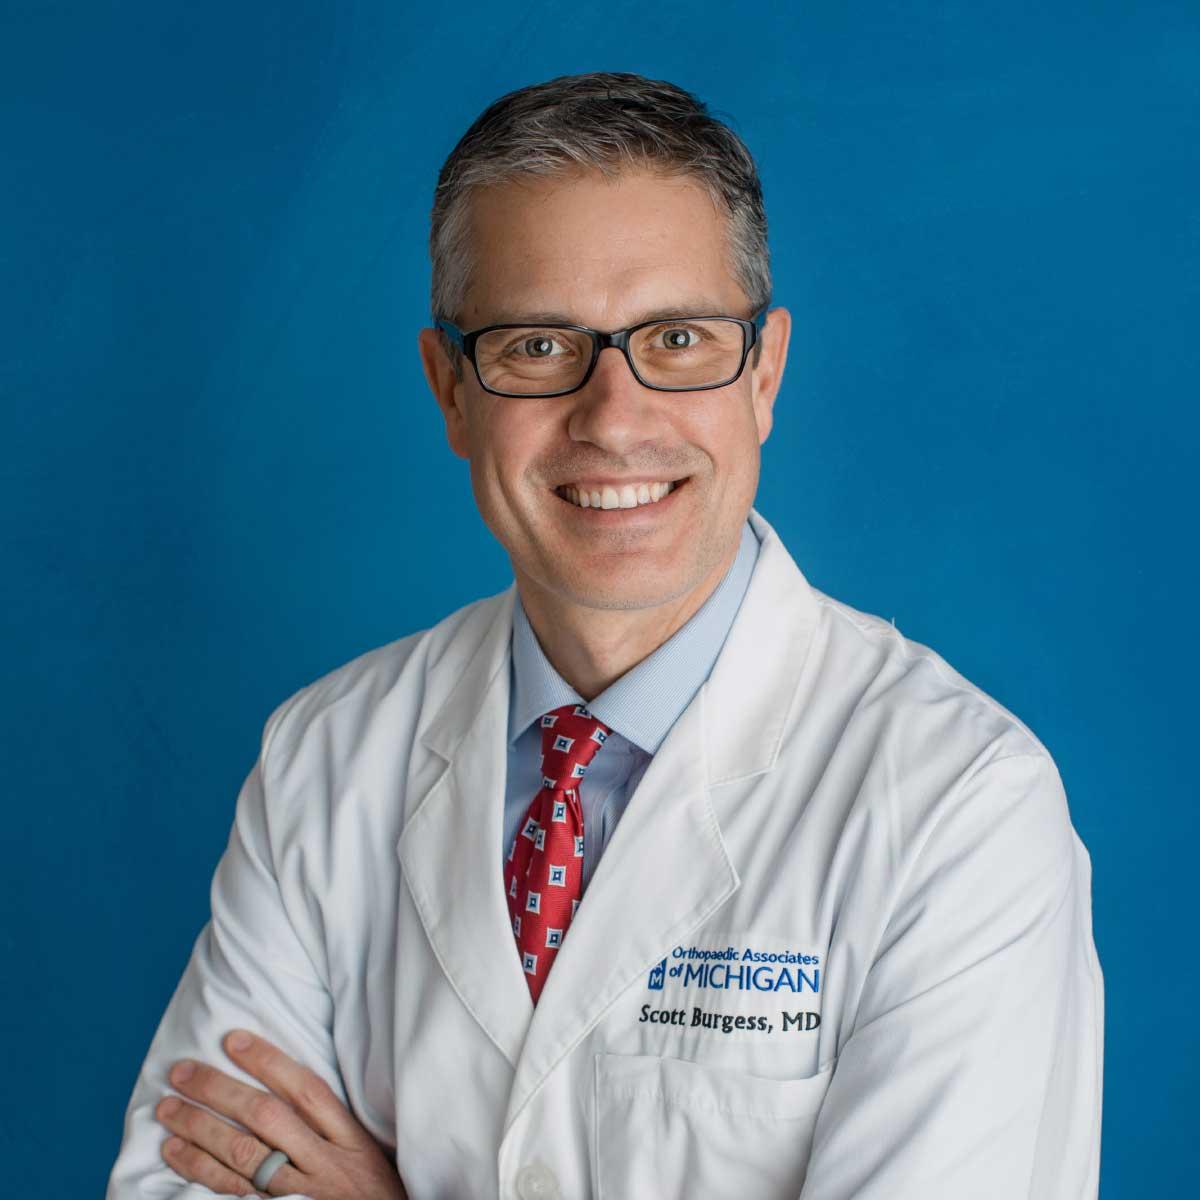 Scott Burgess, MD